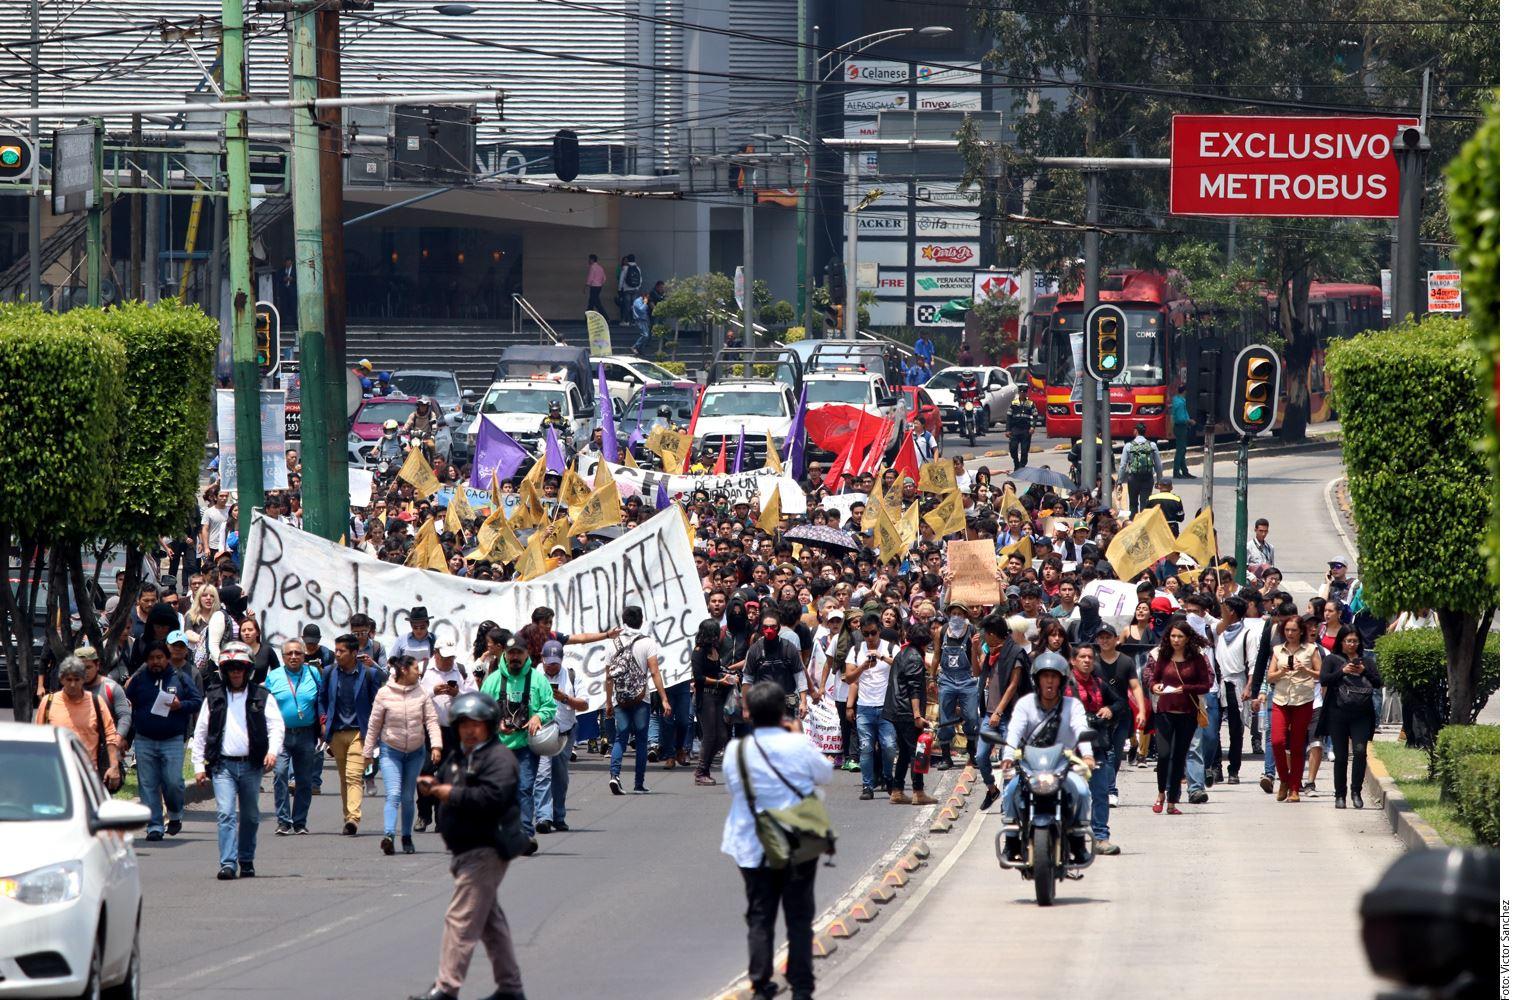 Los estudiantes del bachillerato de la UNAM marcharon esta tarde en Ciudad Universitaria para, entre otras cosas, exigir más seguridad en el plantel.